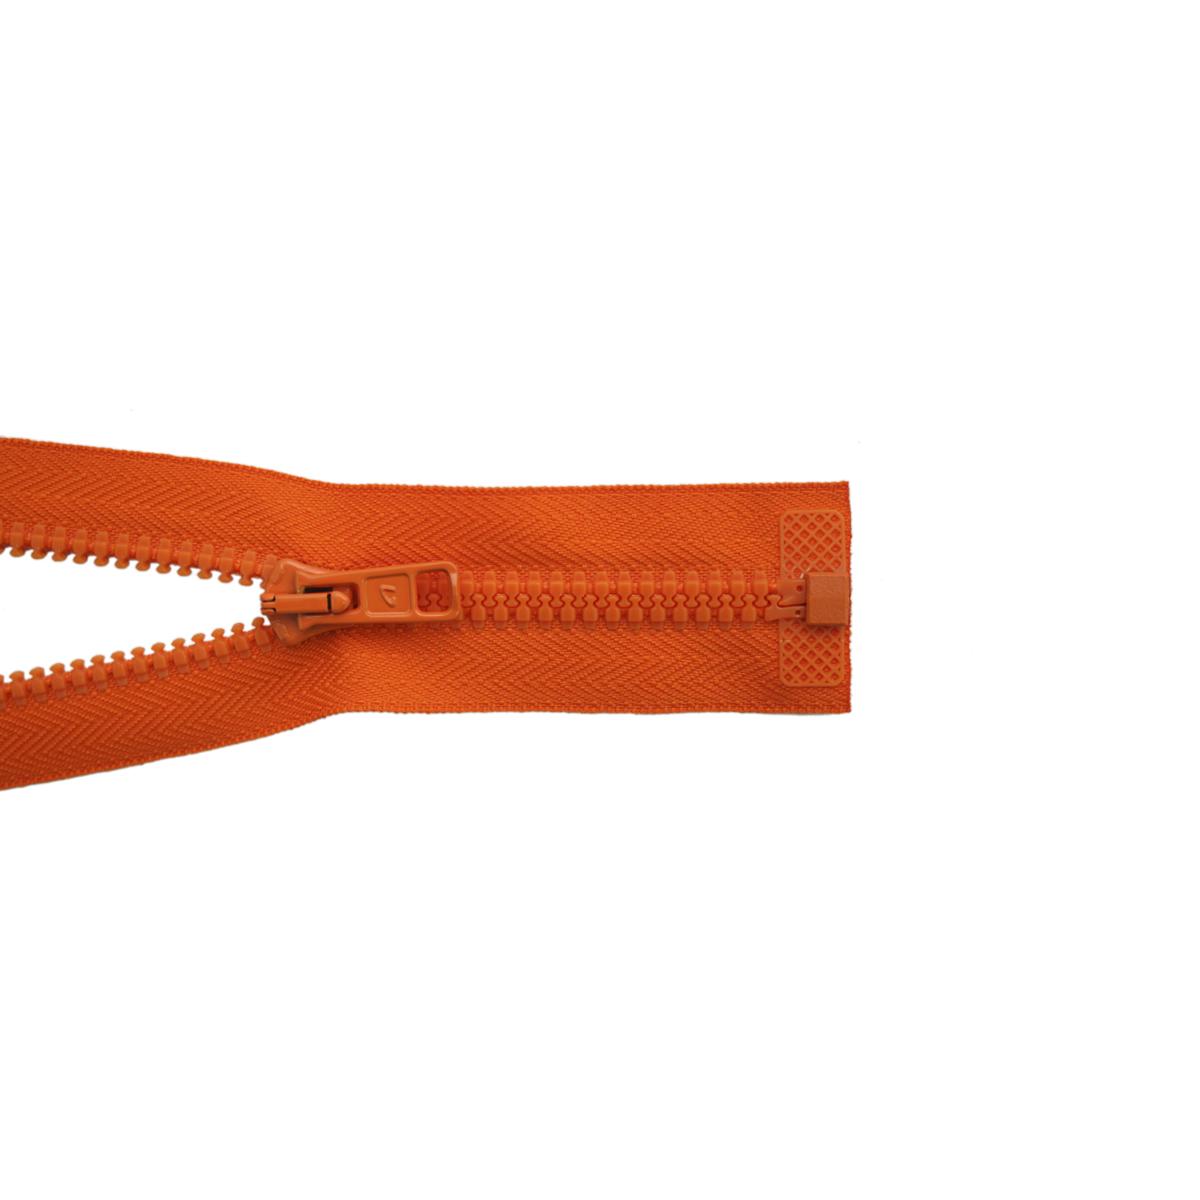 Застежка-молния трактор Arta-F, разъемная (1 замок,Т6) , цвет: оранжевый (005), 70 см19370-005Продукция ARTA-F сертифицирована на Российский, Британский и Латвийский стандарт. Фурнитура ARTA-F изготавливается из европейских материалов, на современном оборудовании, в соответствии с высокими требованиями стандартов. Вся продукция фабрики проходит тесты на качество.Звено застежки-молнии Экстра имеет боковые приливы, которые исключают контакт замка с текстильной лентой, а сокращенный до минимума зазор между замком и приливами звена предохраняет от возможности попадания в замок подкладки, меха, нитей. В то же время эти меры повышают прочность застежки при высоких нагрузках, особенно на изгиб. Применение таких приливов на молниях ARTA-F не только повышает эксплуатационные качества застежки, но и увеличивает прочность крепления звена к ленте, и продлевает срок службы застежек-молний ARTA-F. Такая застежка-молния безопасна, легка в использовании и не повредит одежду.